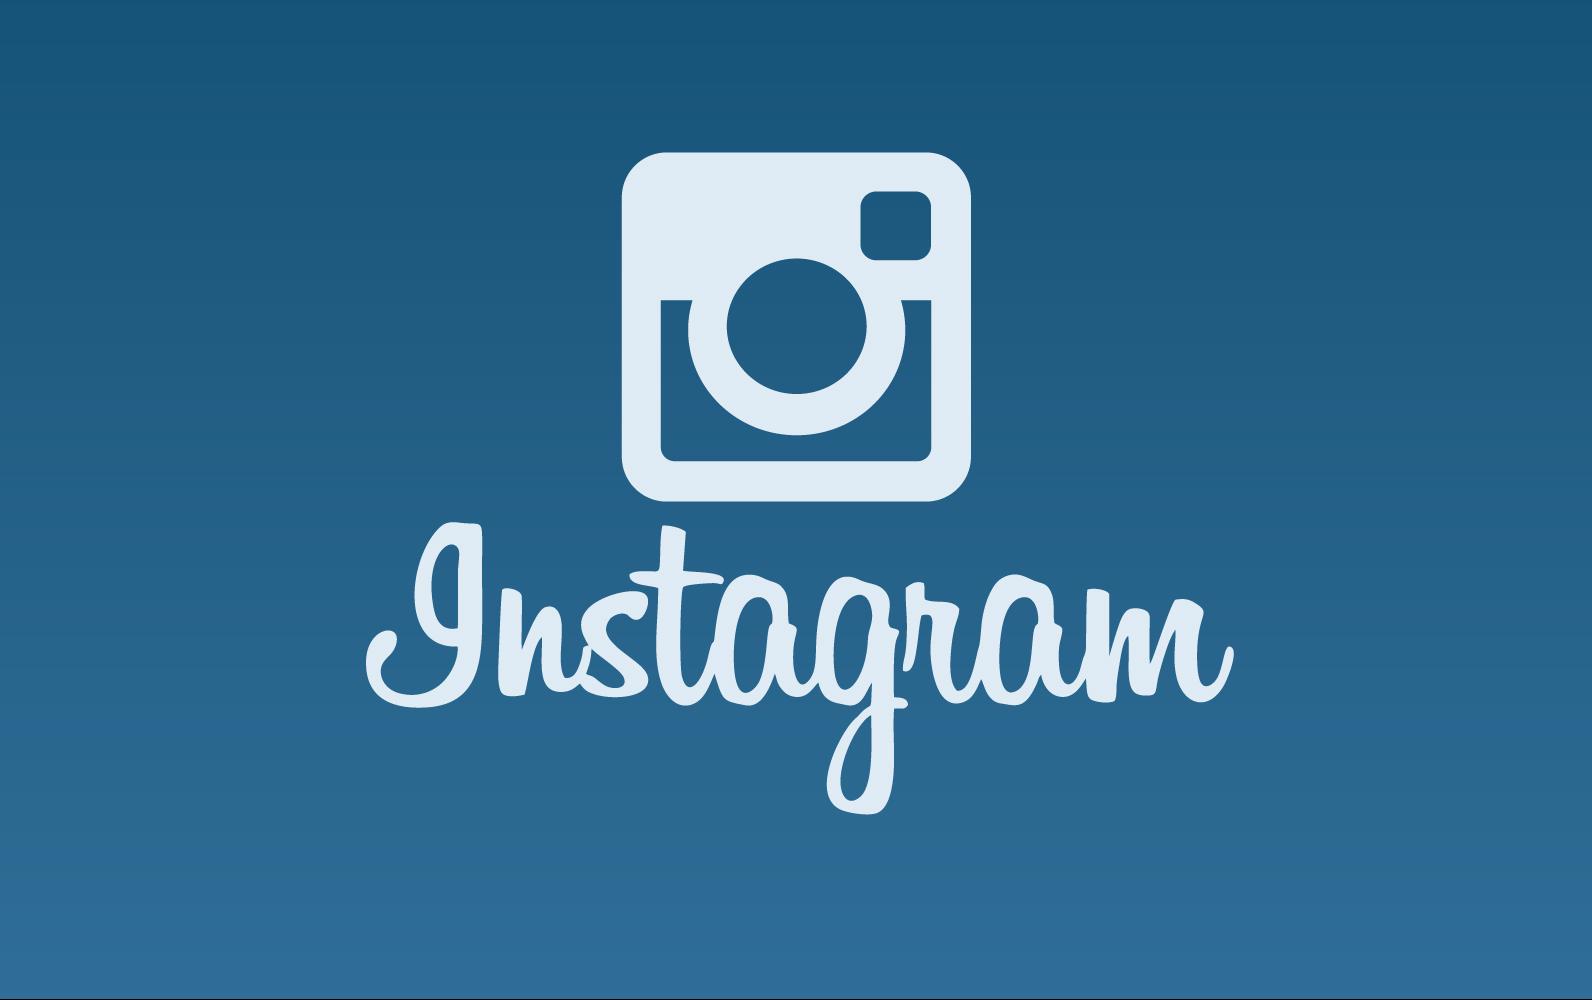 Социальная сеть Instagram будет утаивать неприятный контент потребованию пользователей